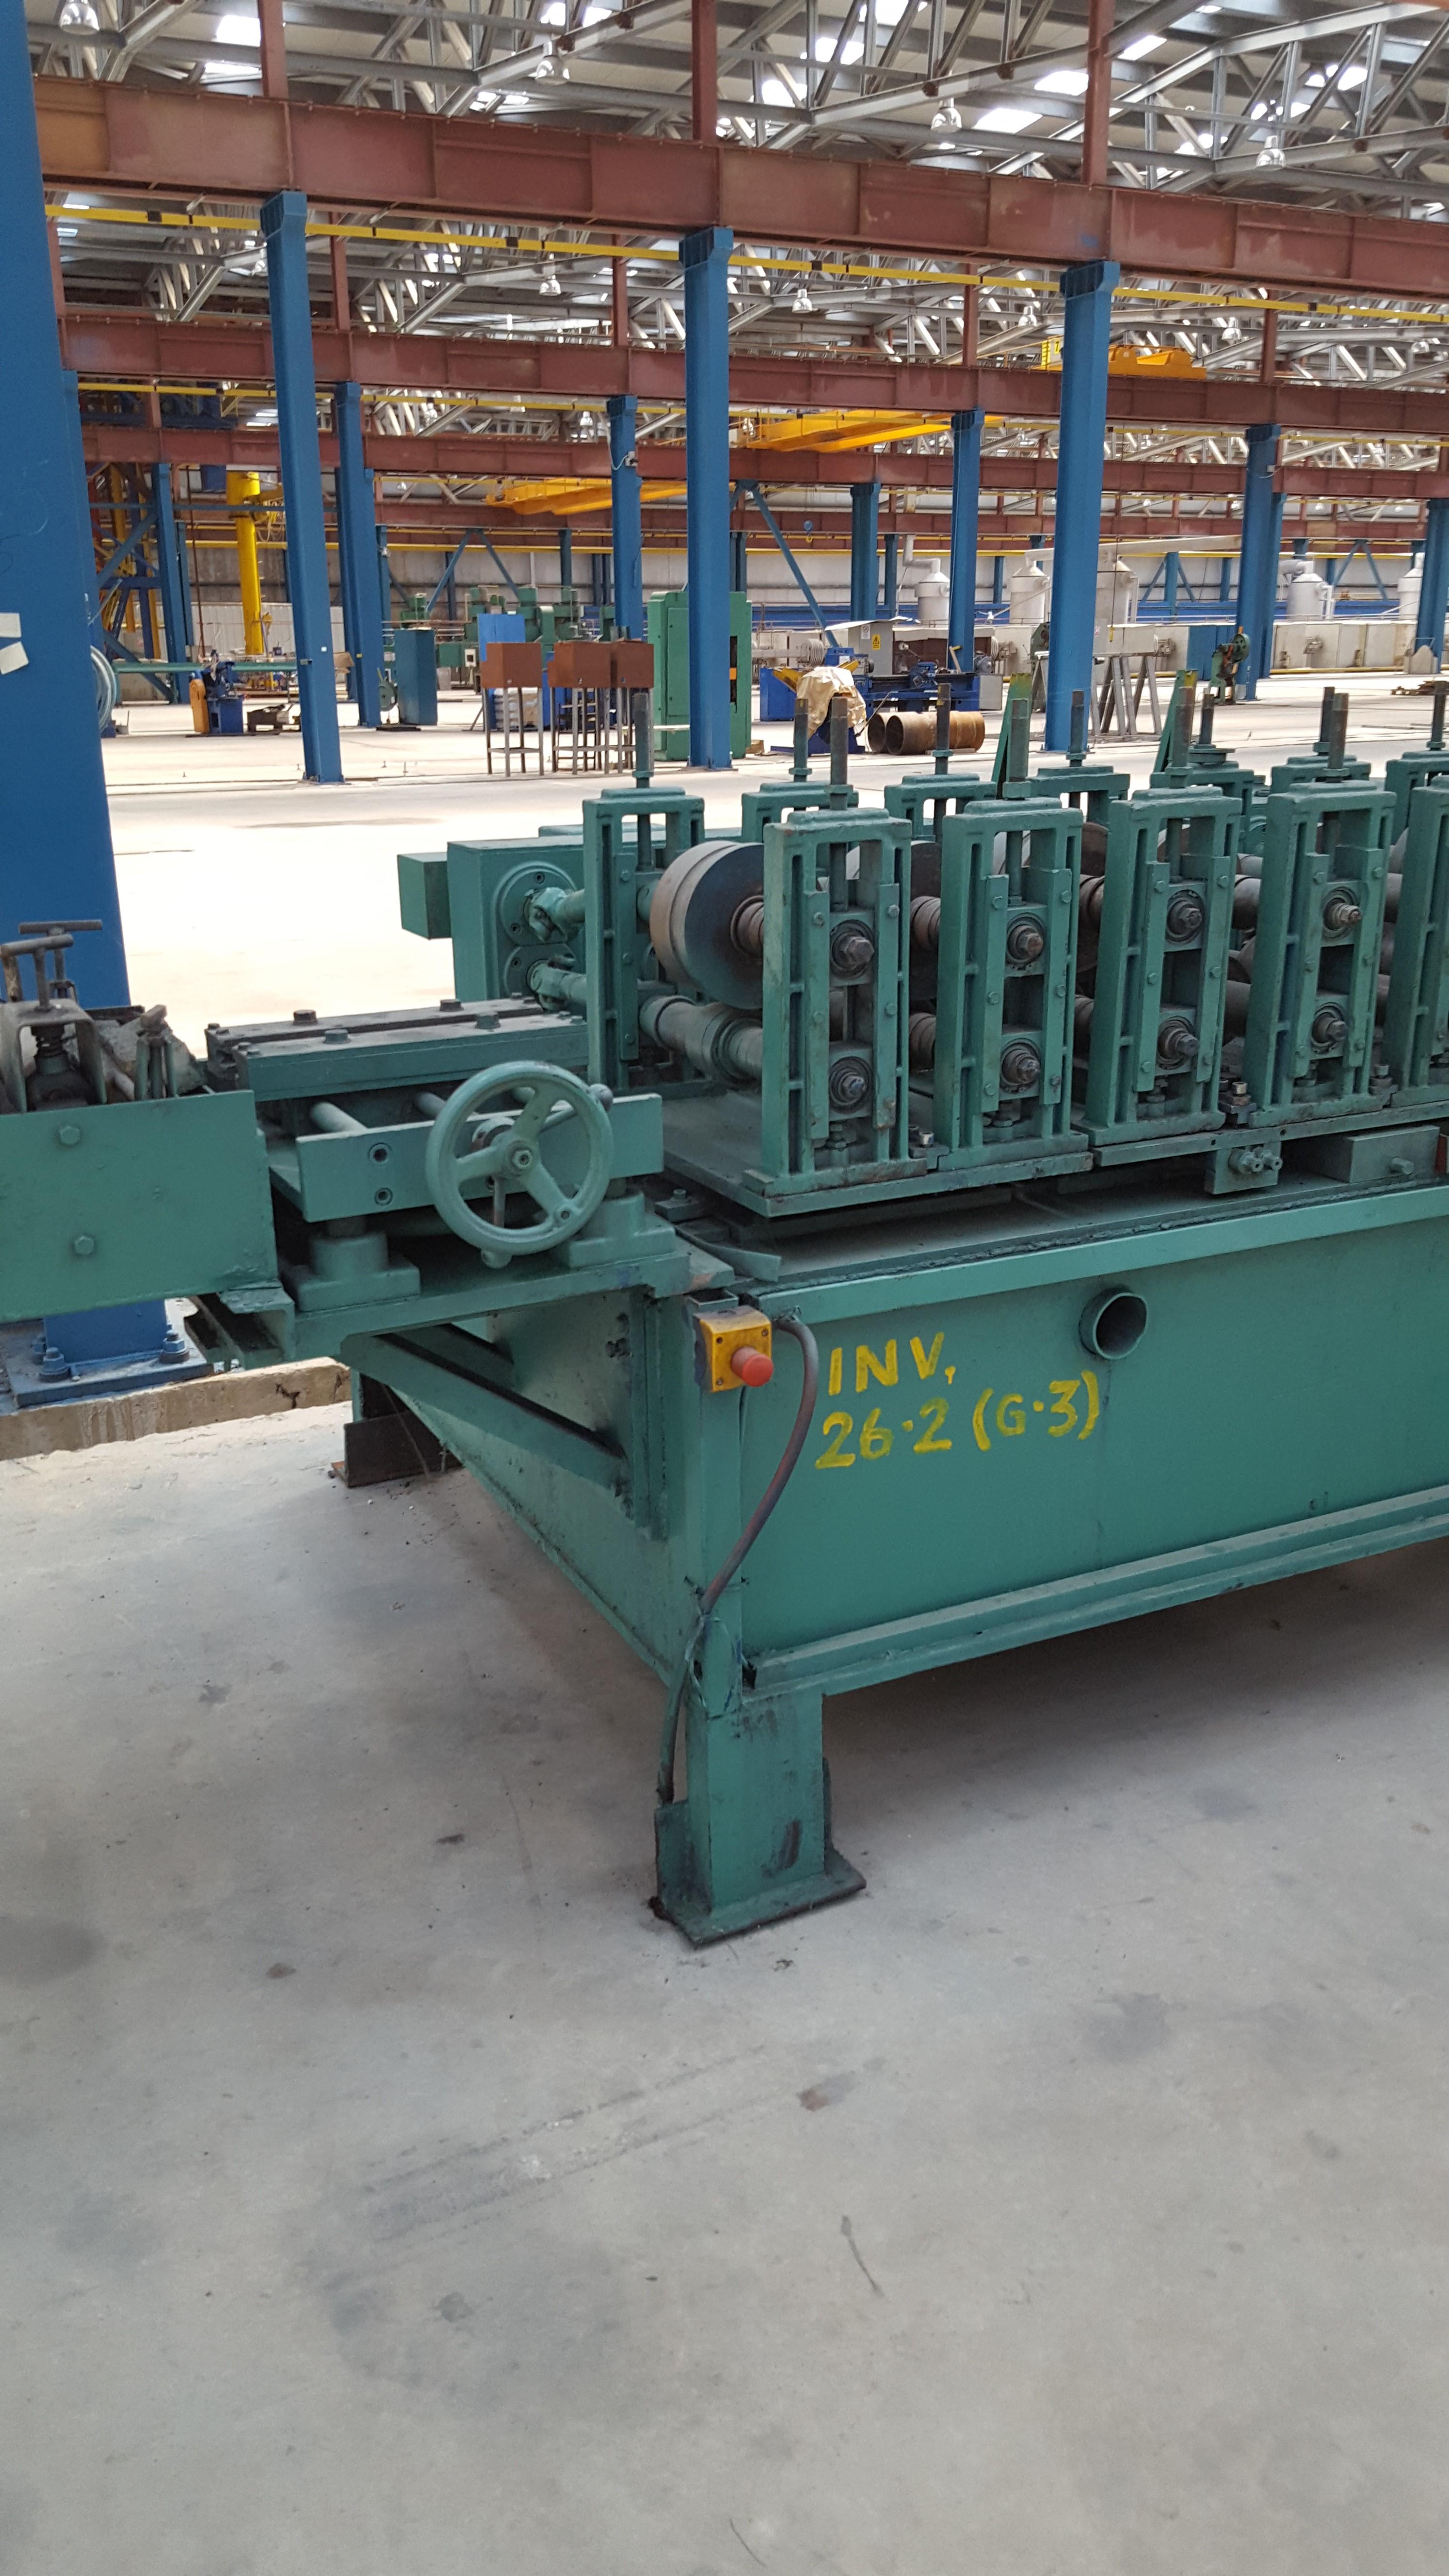 Maşină profile de armatură tip 120 V + Convector frecvenţă 15kw + Motoreductor tip PD 1010 + Convertizor frecvenţă 15kw